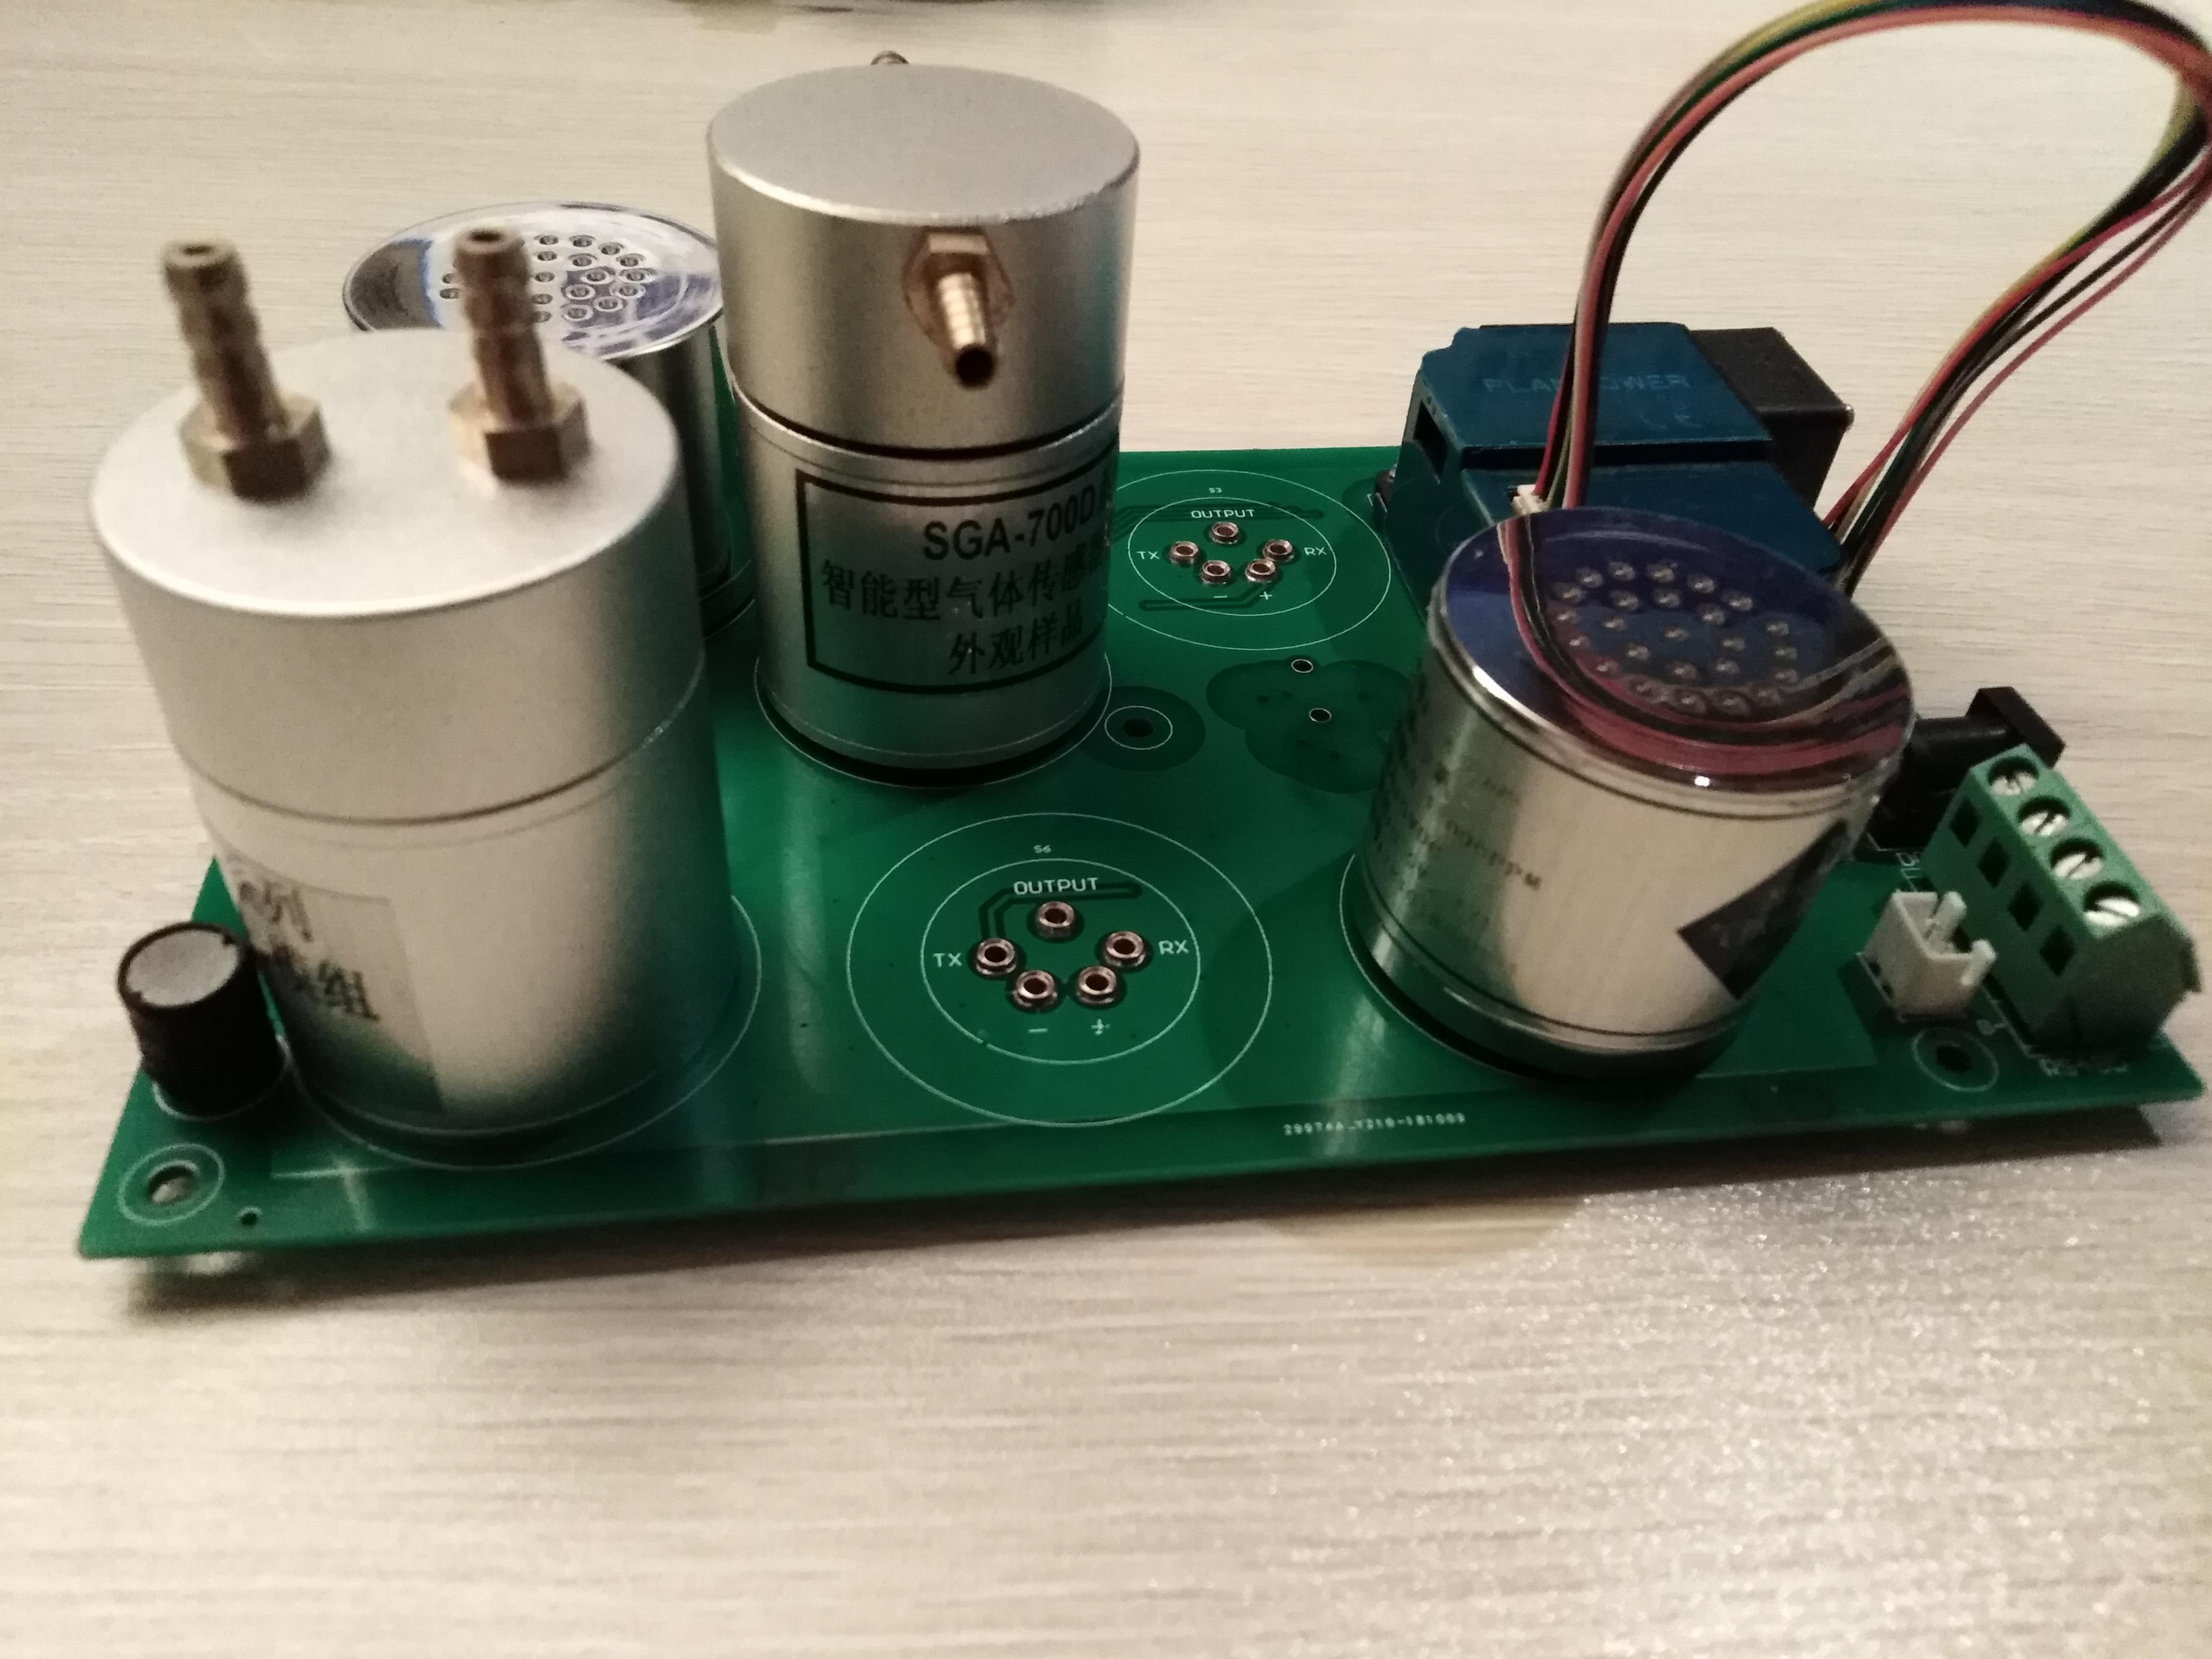 2020江苏浙江专供污染源在线监测集成模块盐酸气体传感器模块